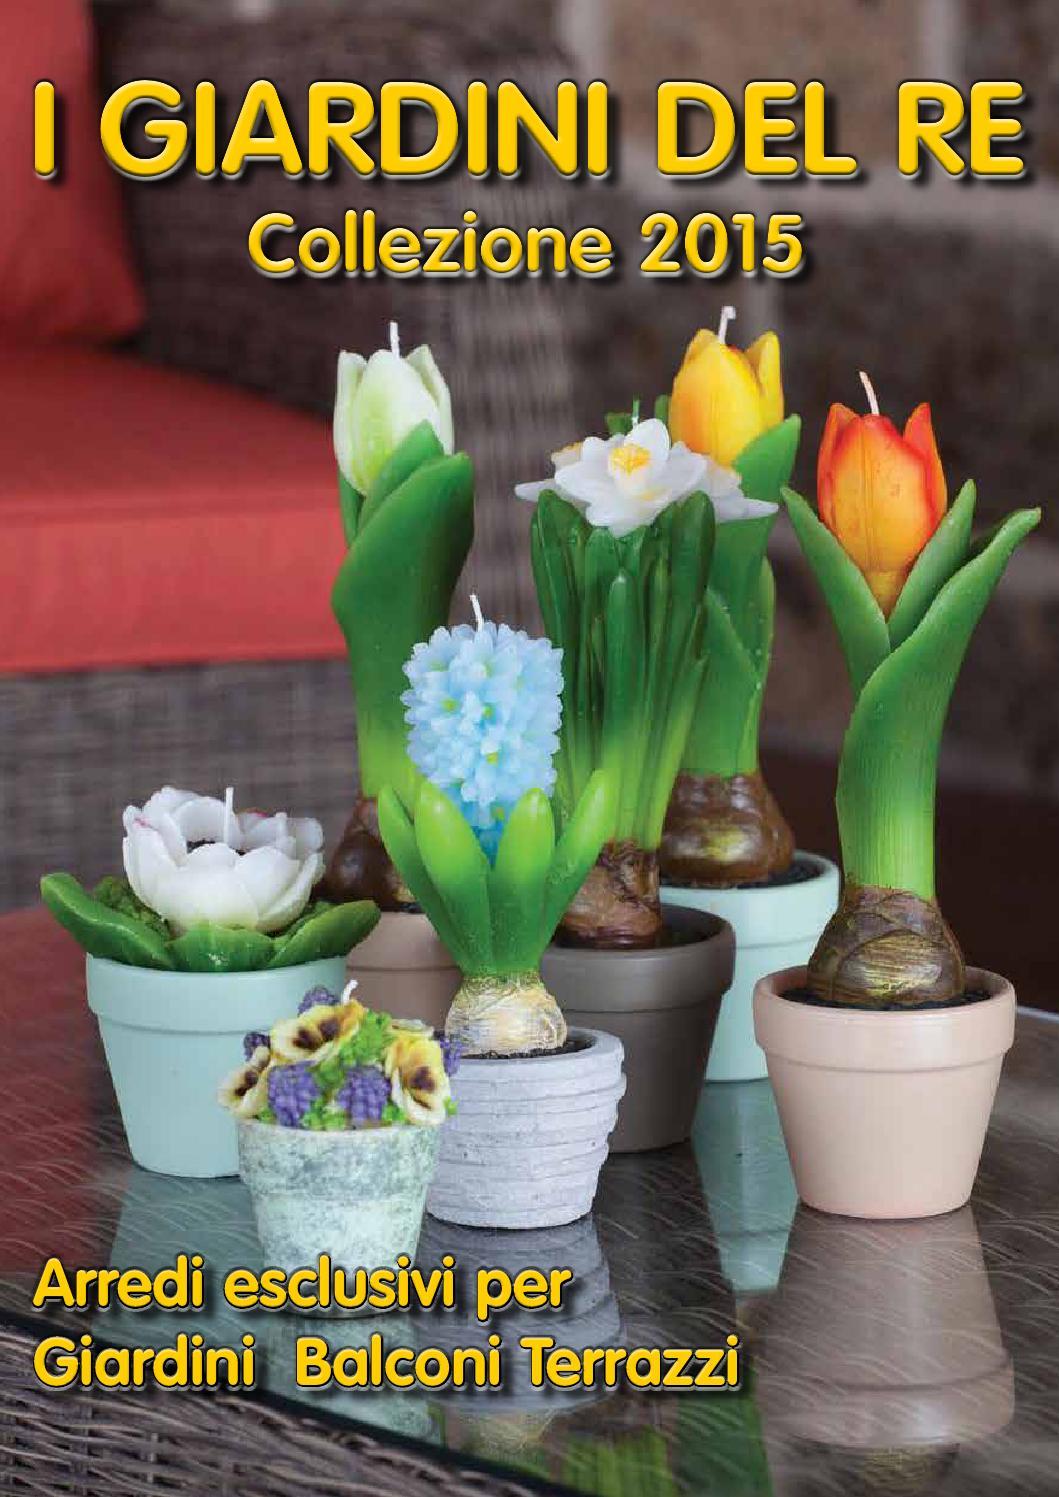 I giardini del re 2015 by brico risparmio by generale issuu - Giardini del re ...